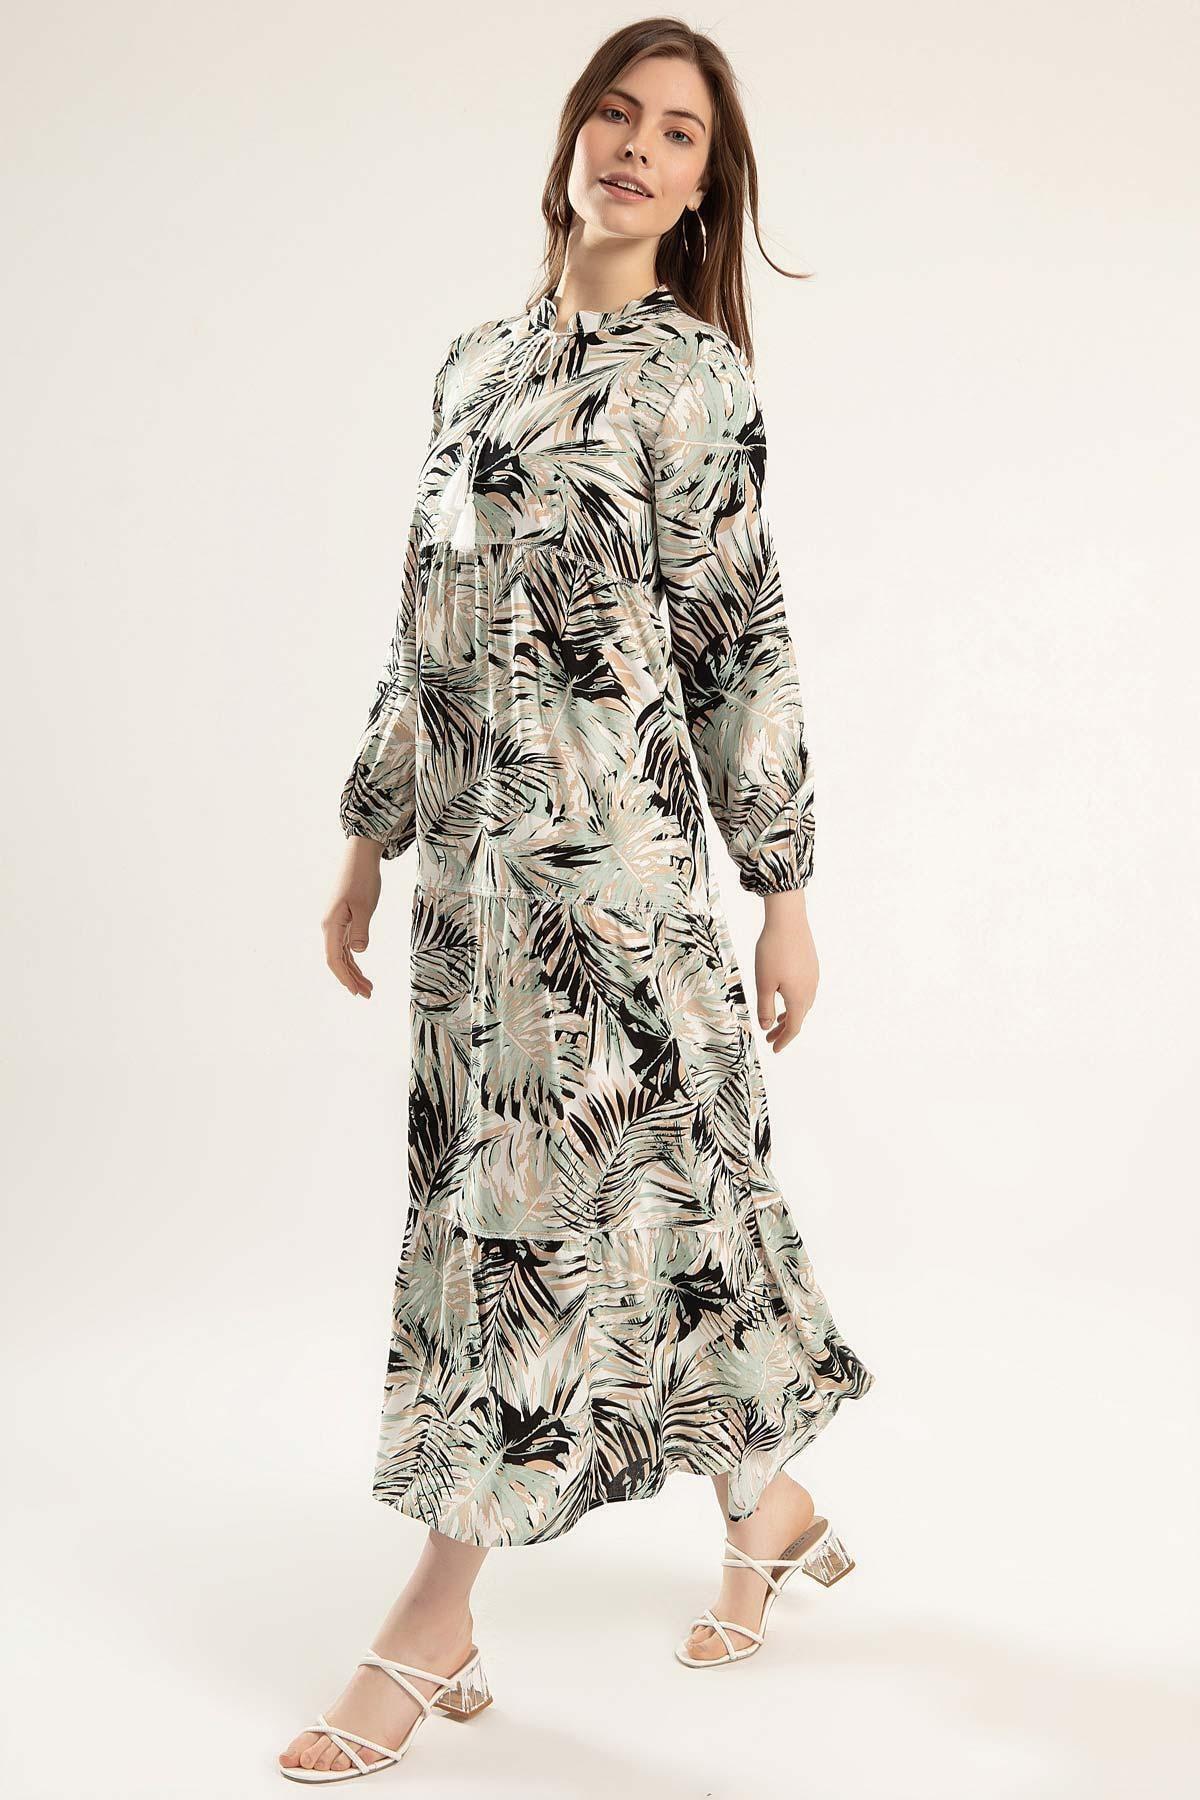 Pattaya Kadın Baskılı Viskon Uzun Elbise Y20s110-1627-1 2